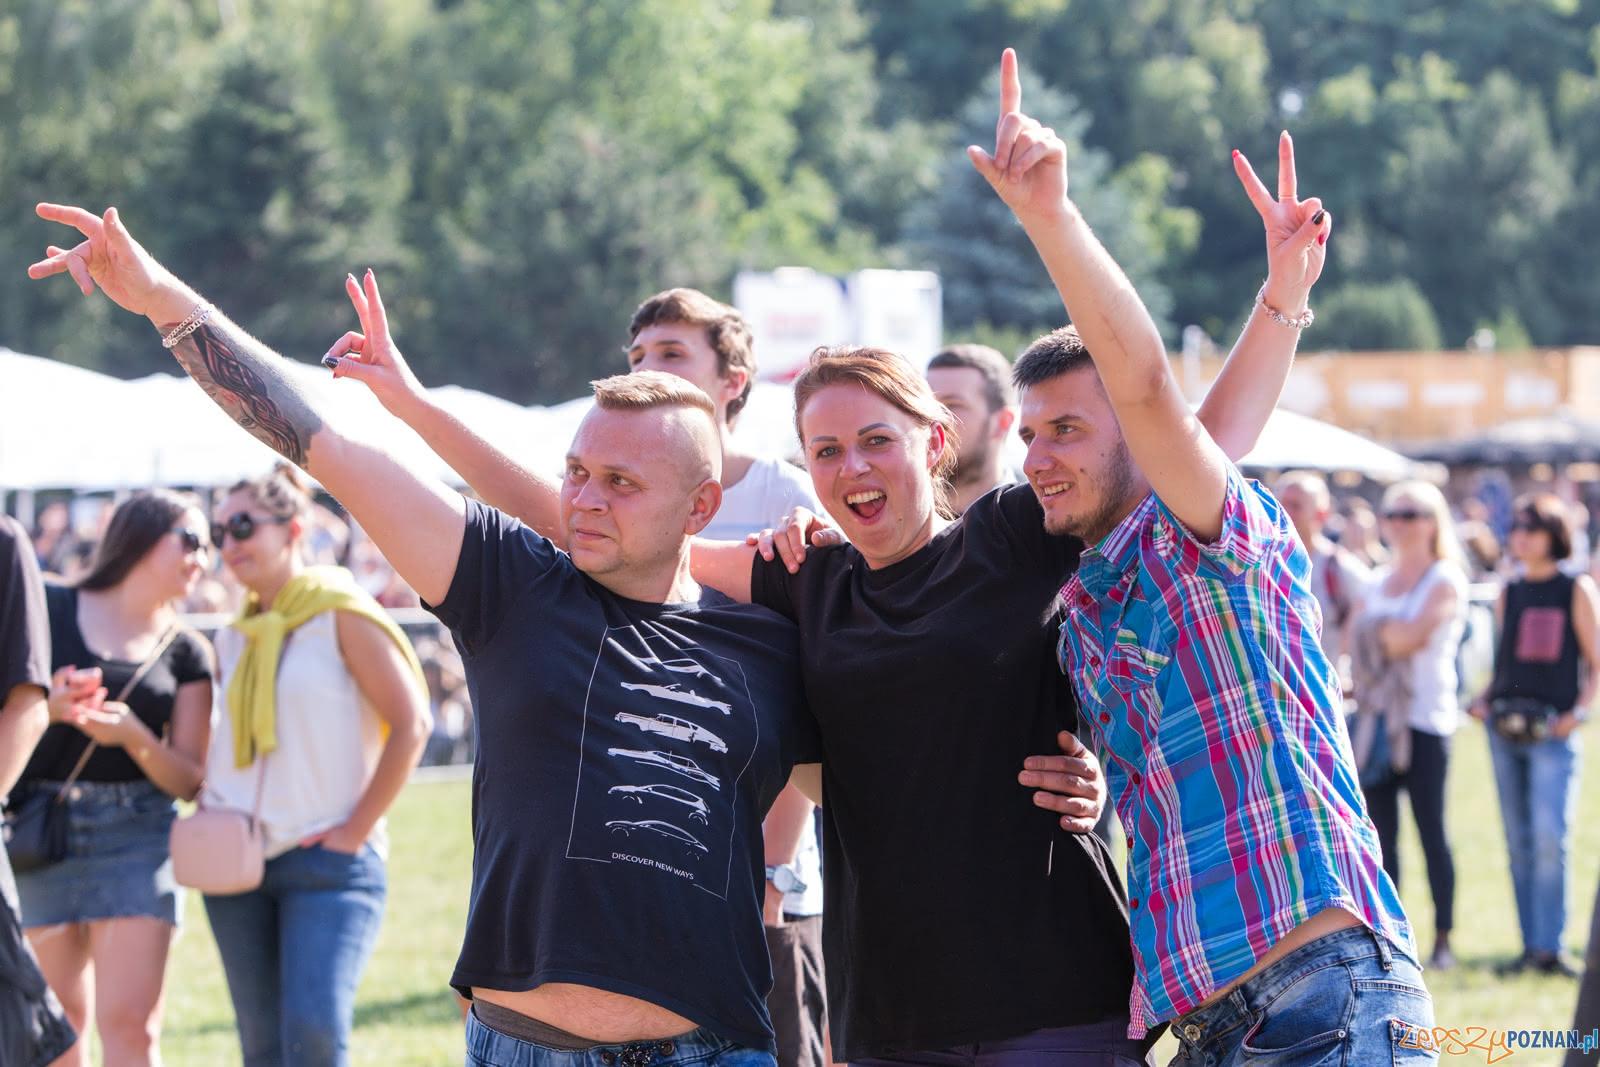 Męskie Granie 2018 na poznańskiej Cytadeli - Poznań 14.07.201  Foto: LepszyPOZNAN.pl / Paweł Rychter